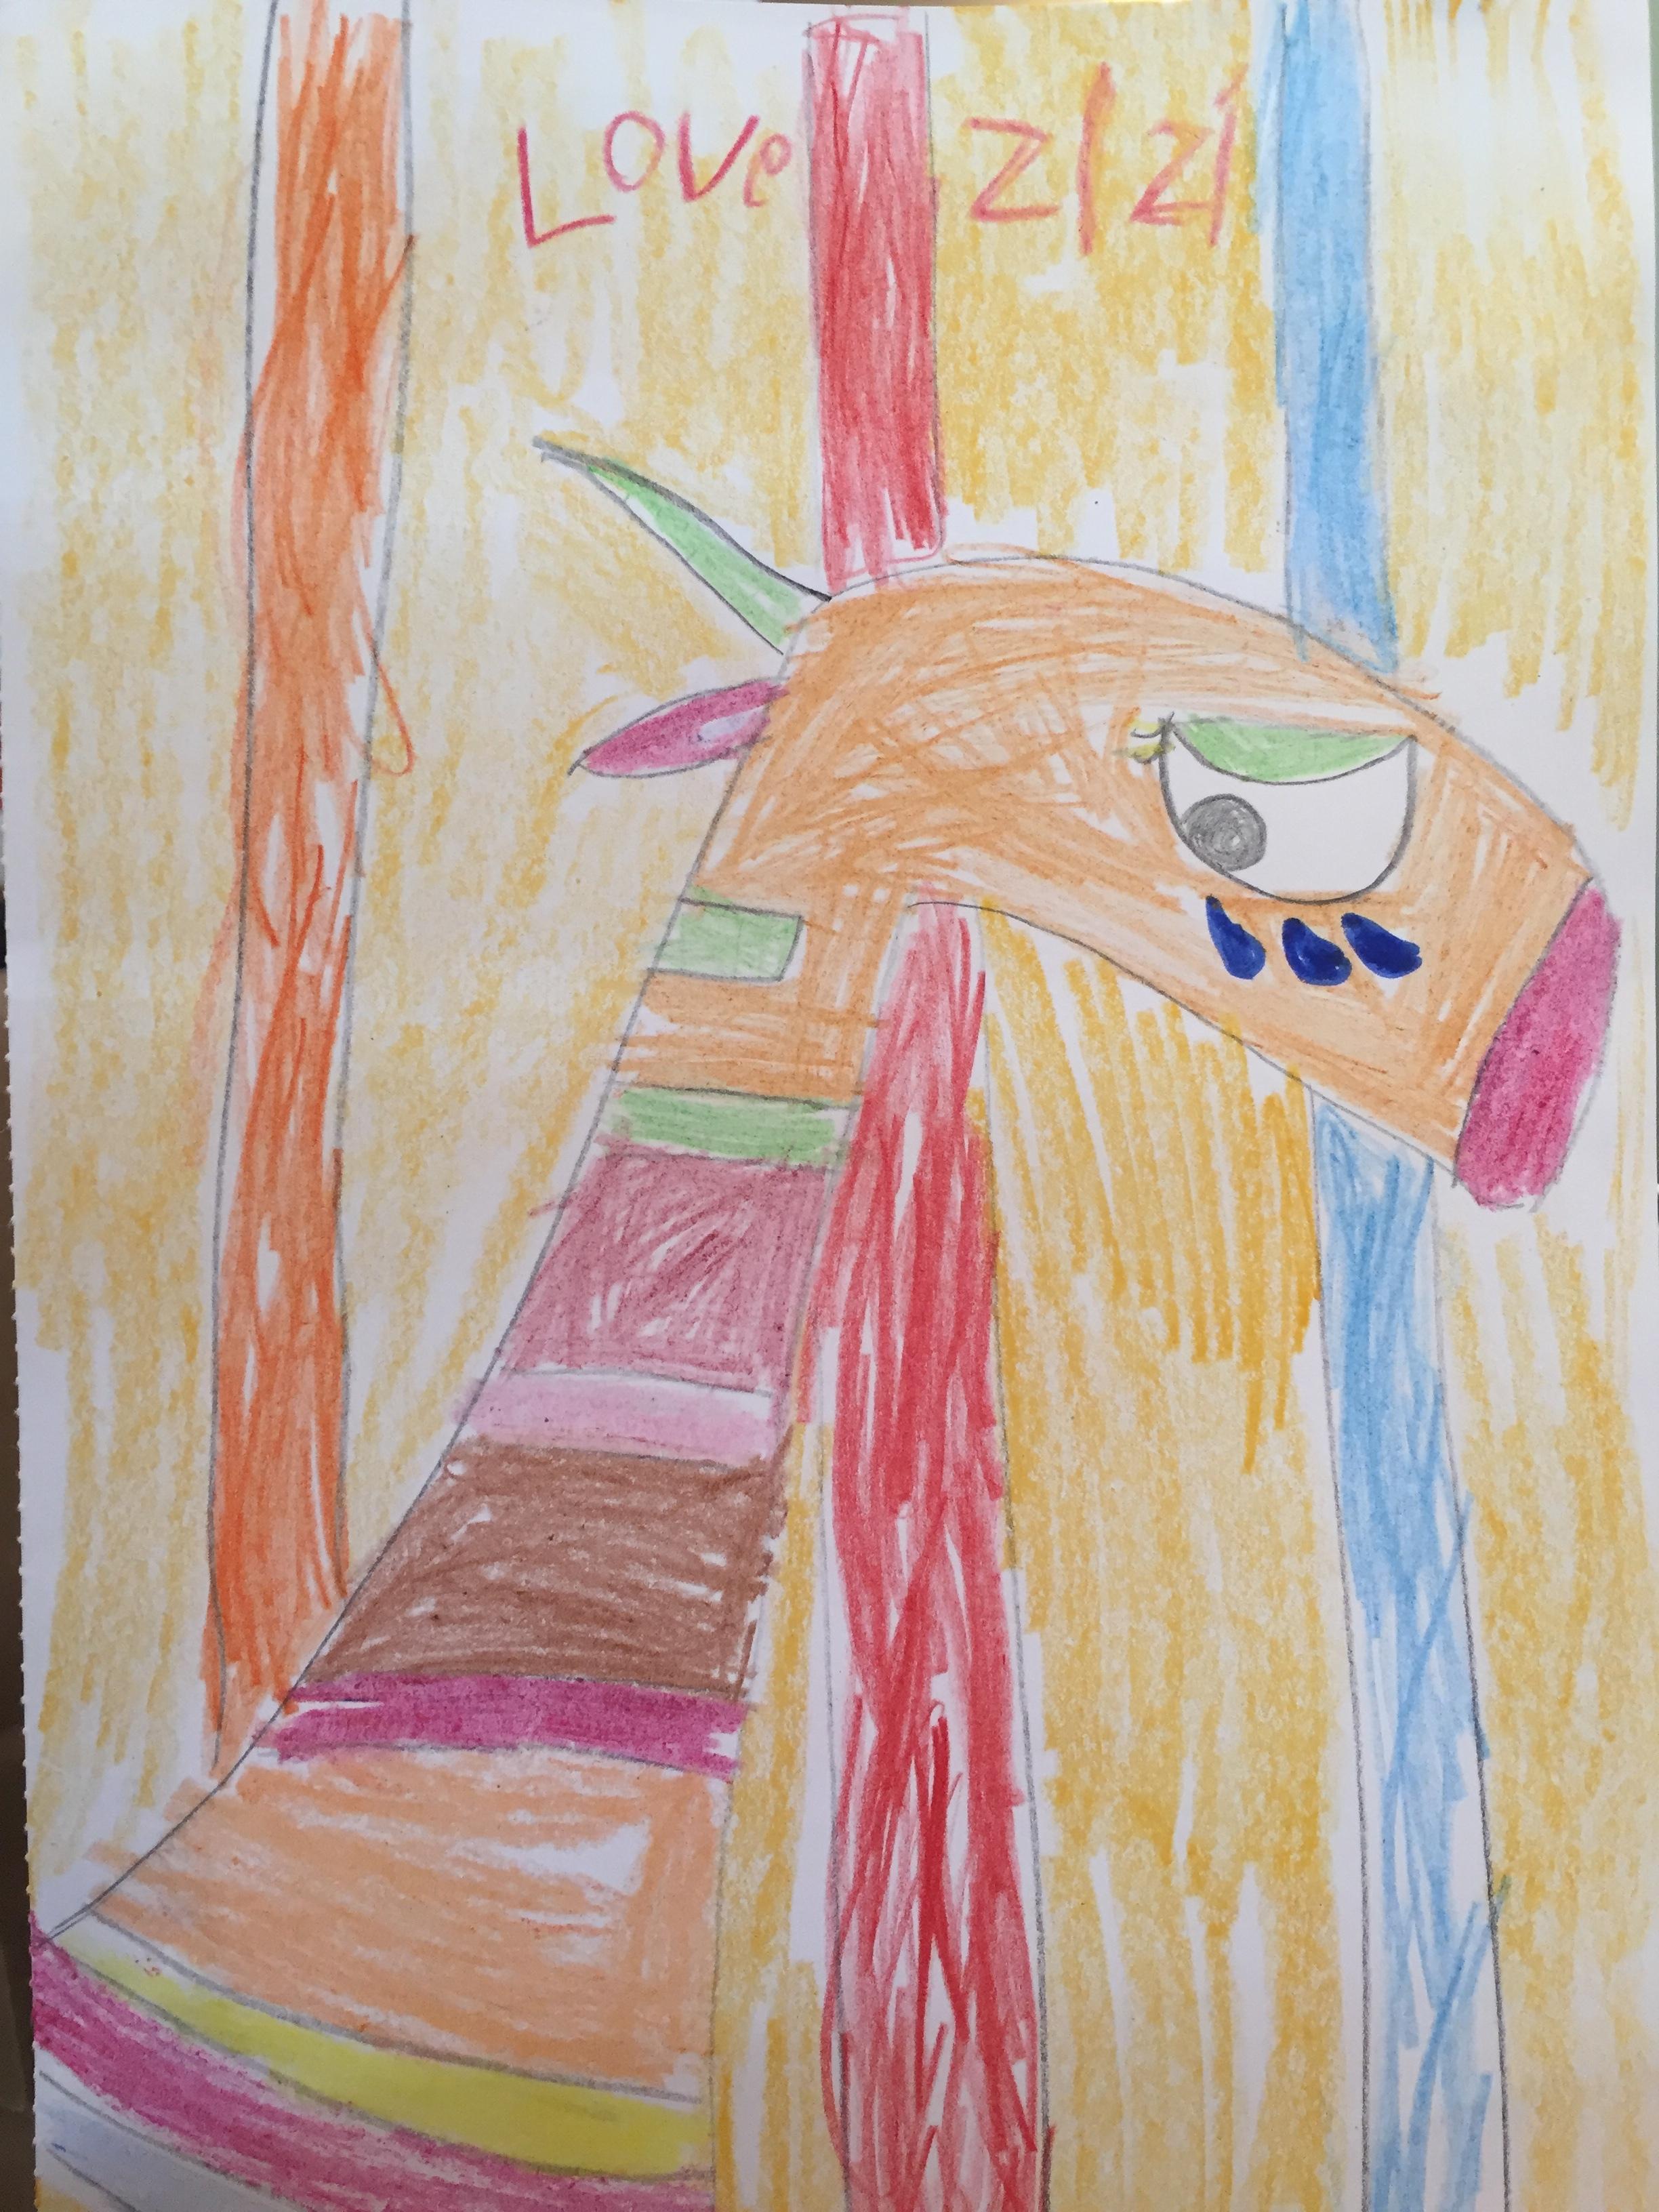 Zizi, age 6